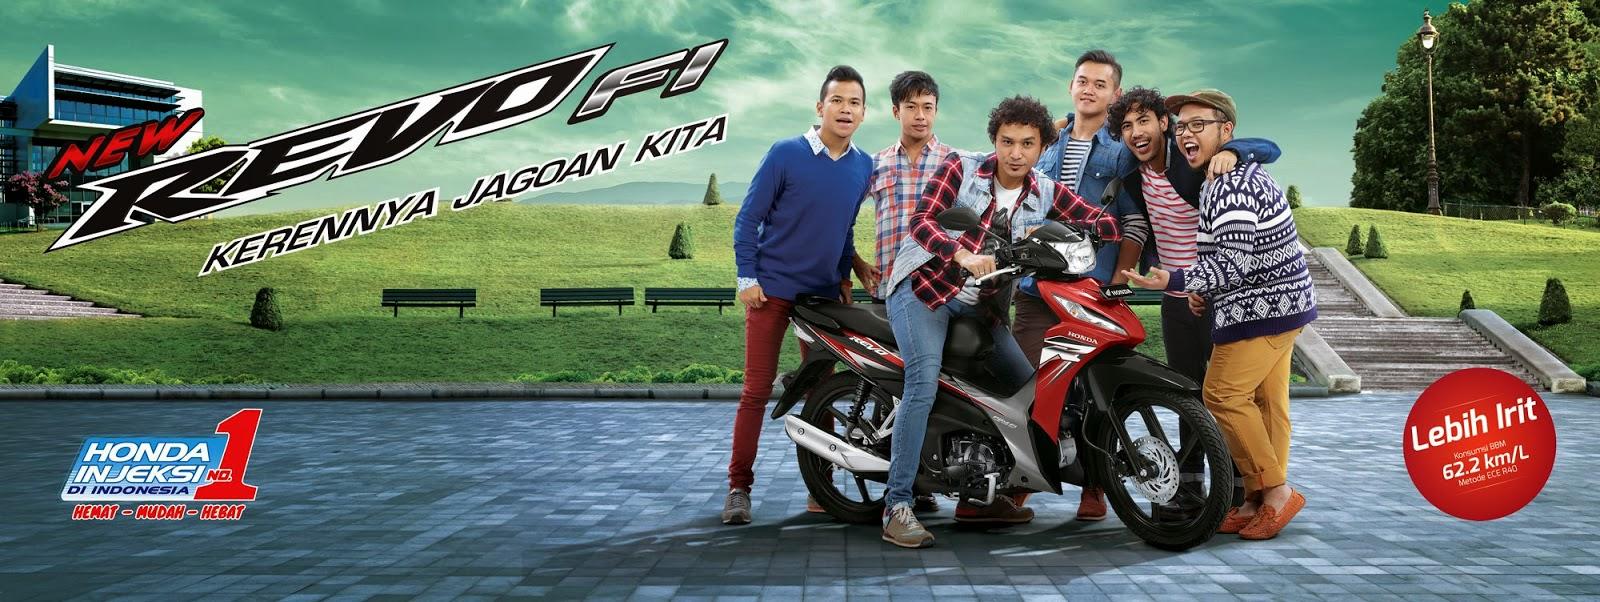 Catur Putra Jaya Bekasi Revo Fit Galaxy Blue Kab Semarang Ahm Rilis New Honda Fi